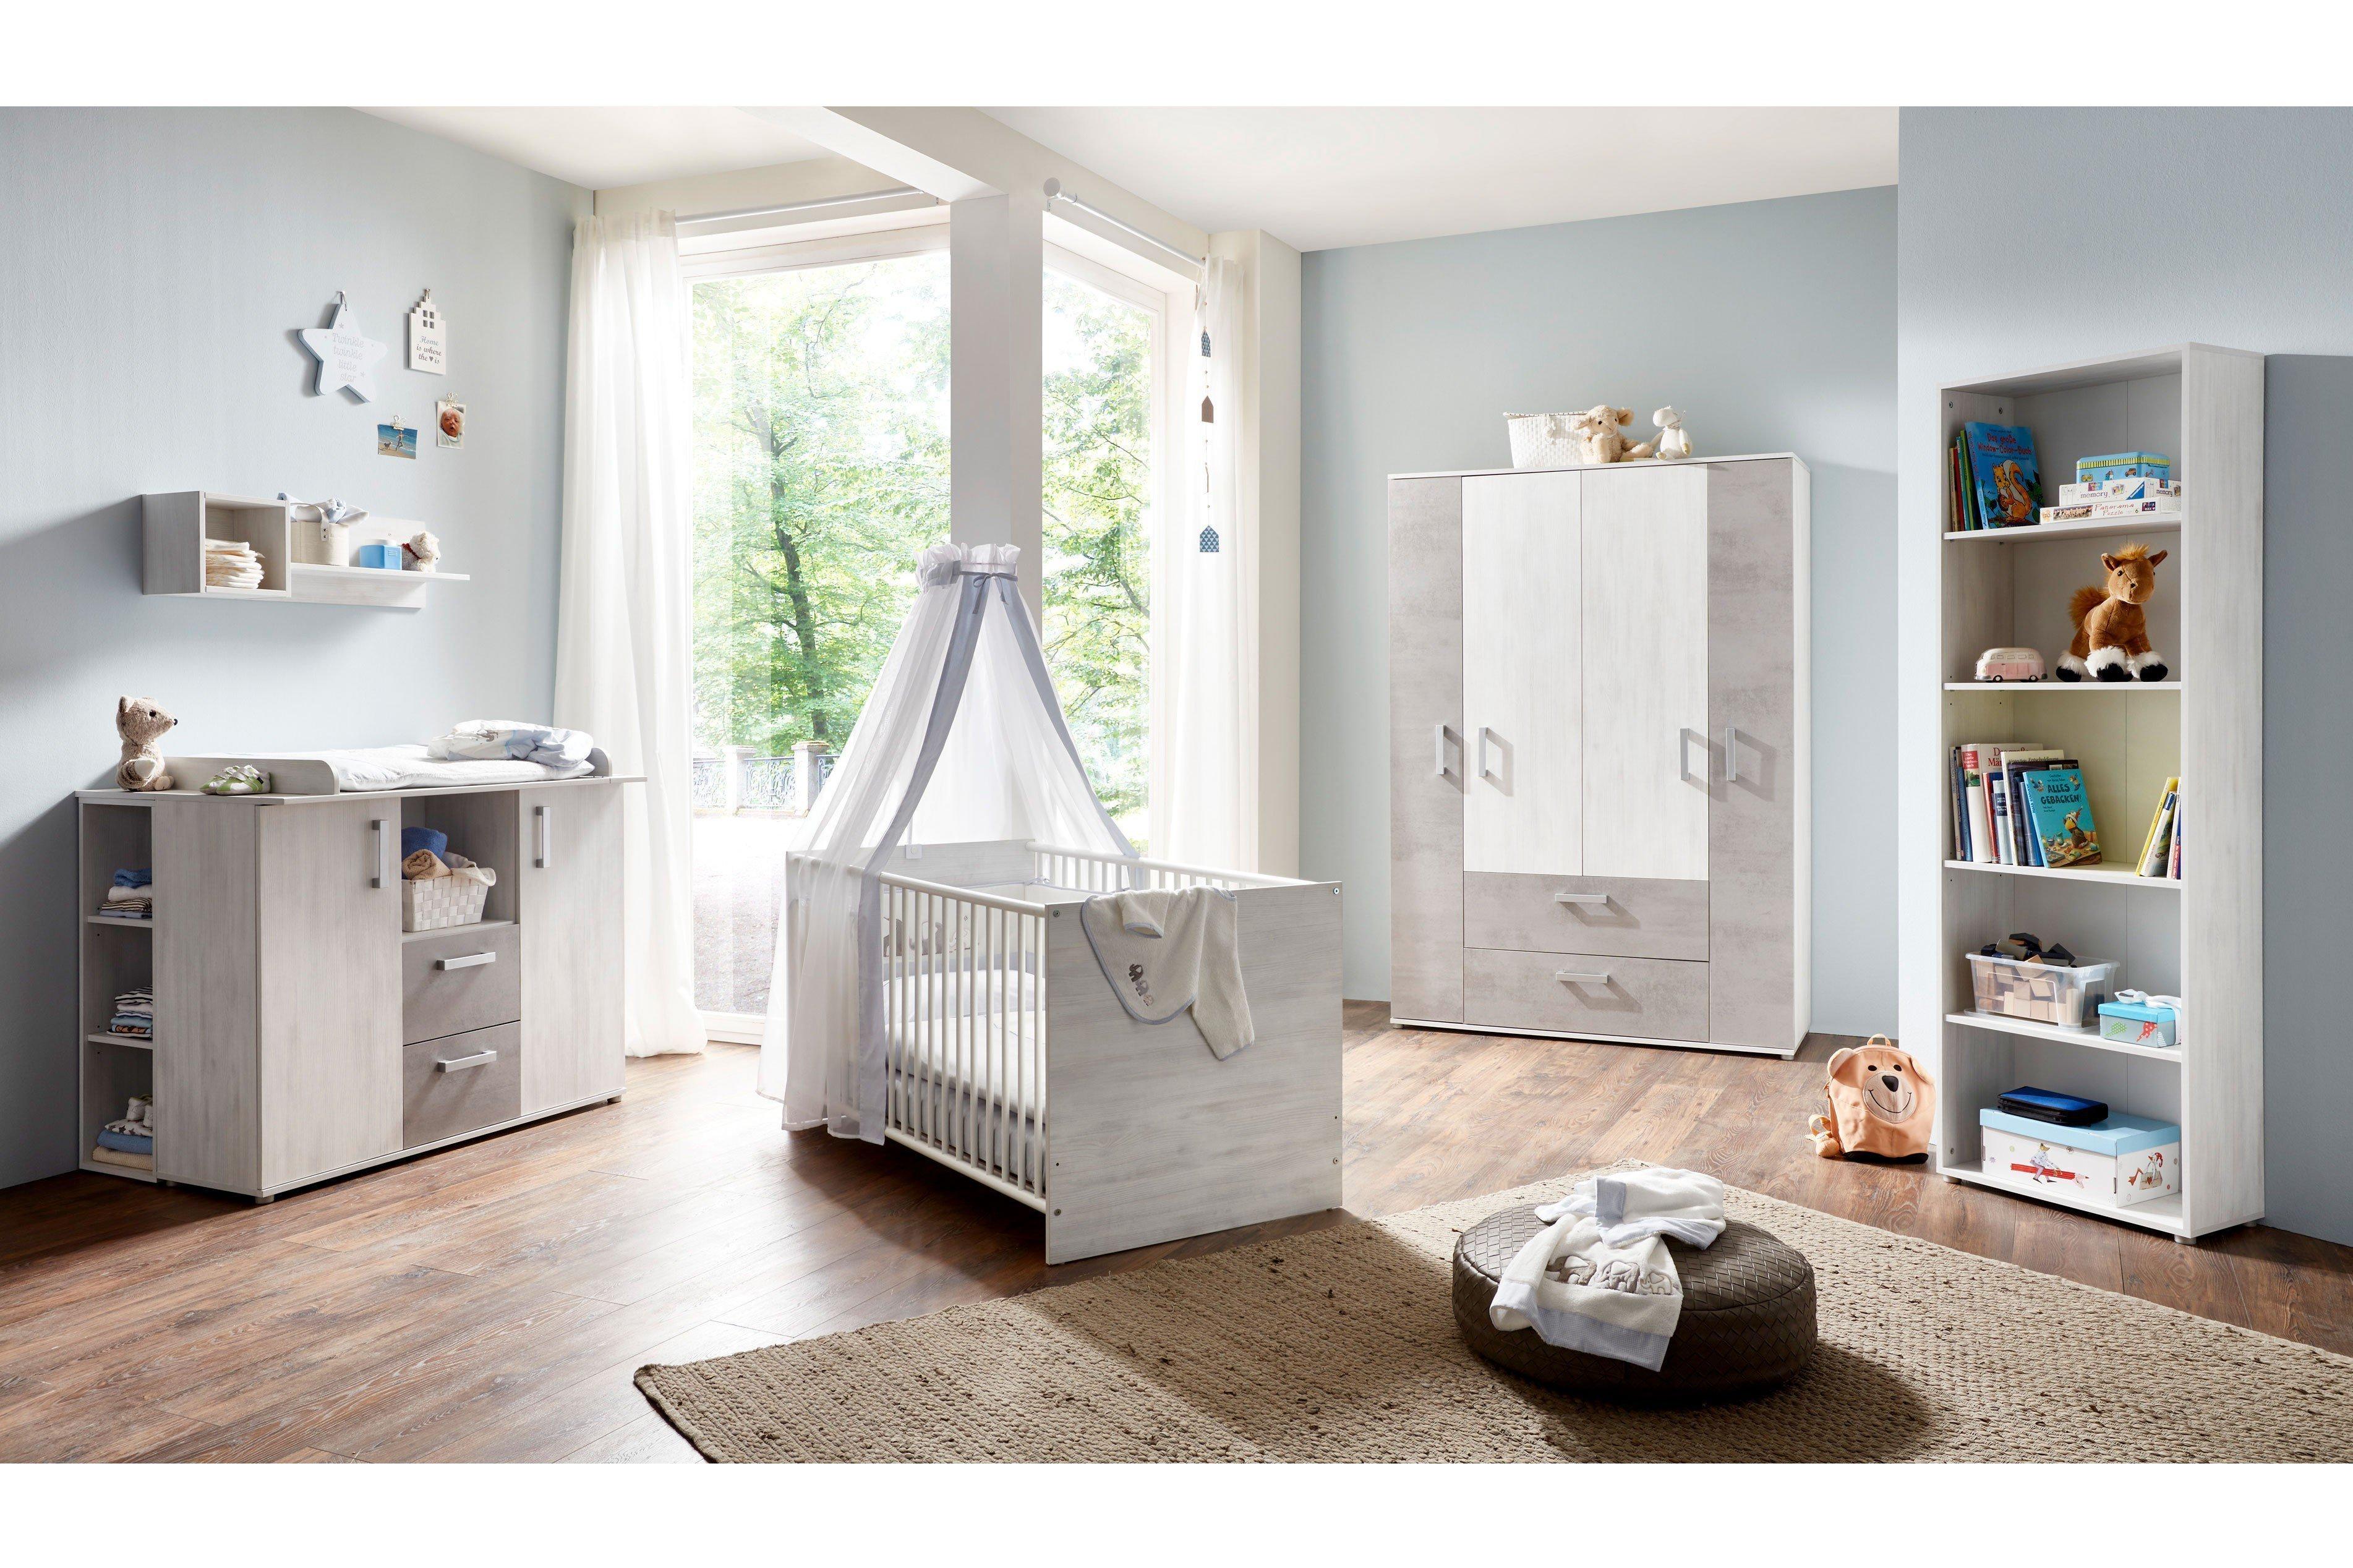 Arthur Berndt Insa Babyzimmer-Set weiß/ grau   Möbel Letz - Ihr ...